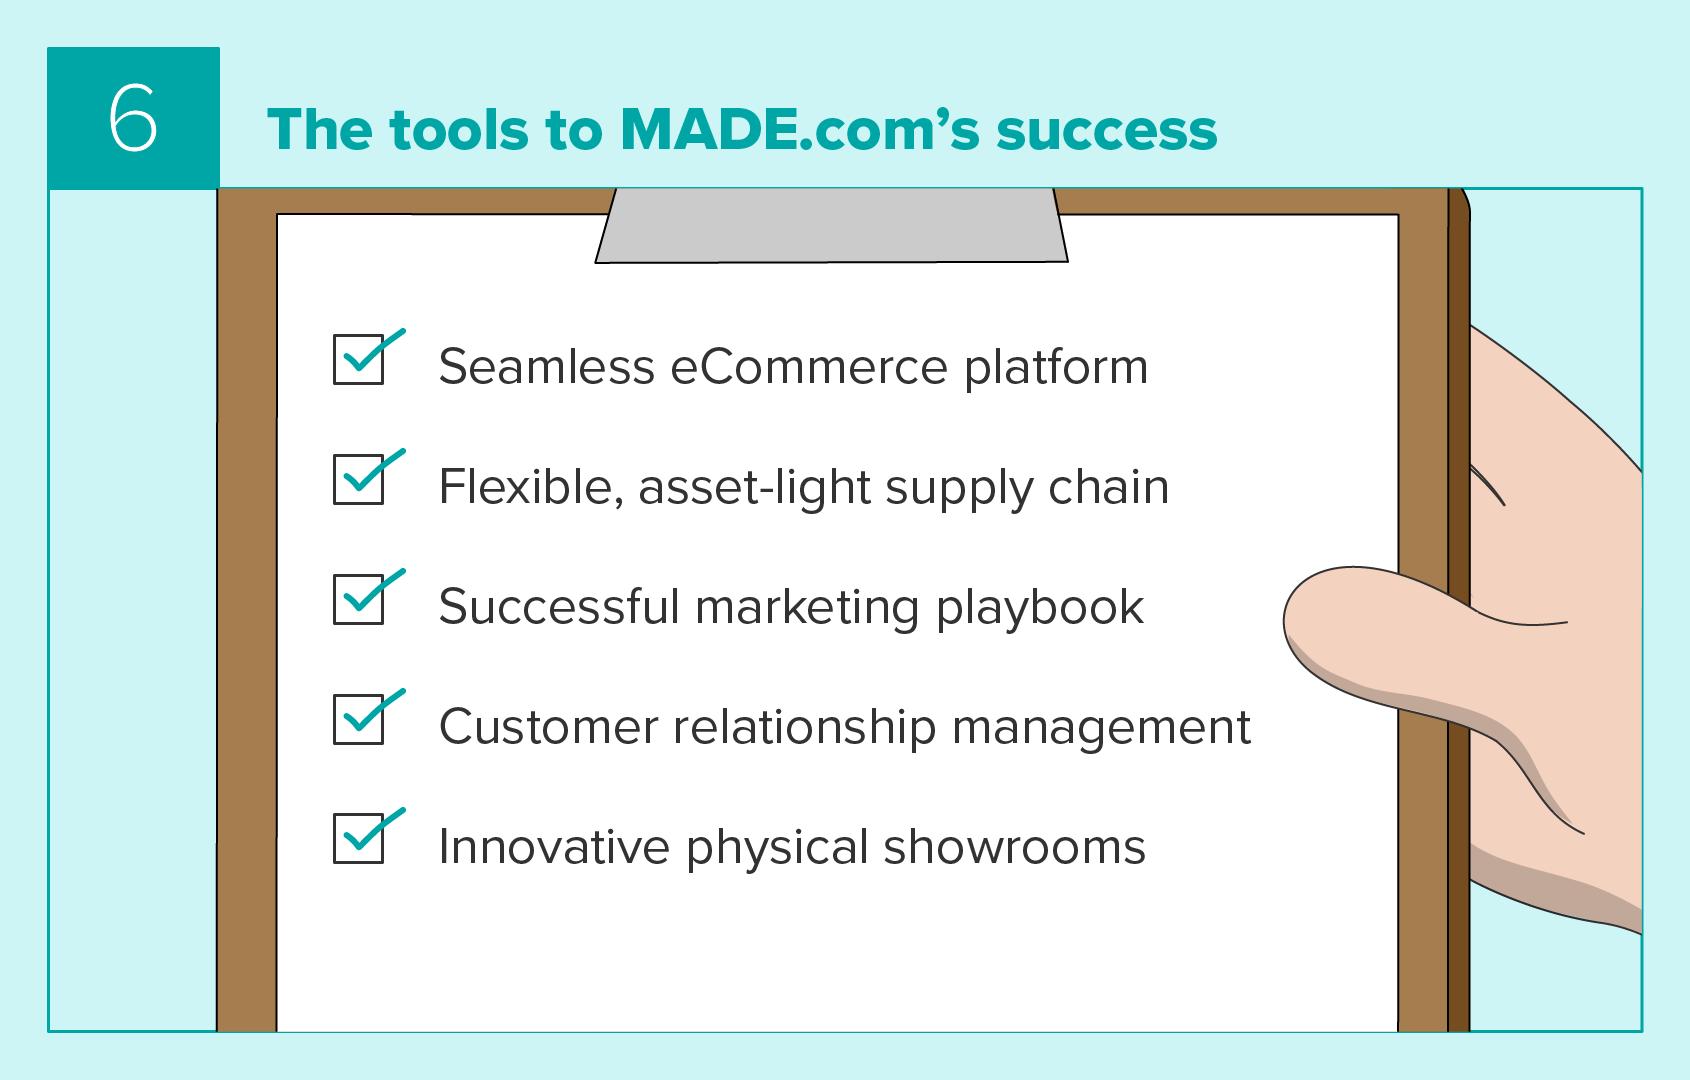 Tools to MADE.com's success